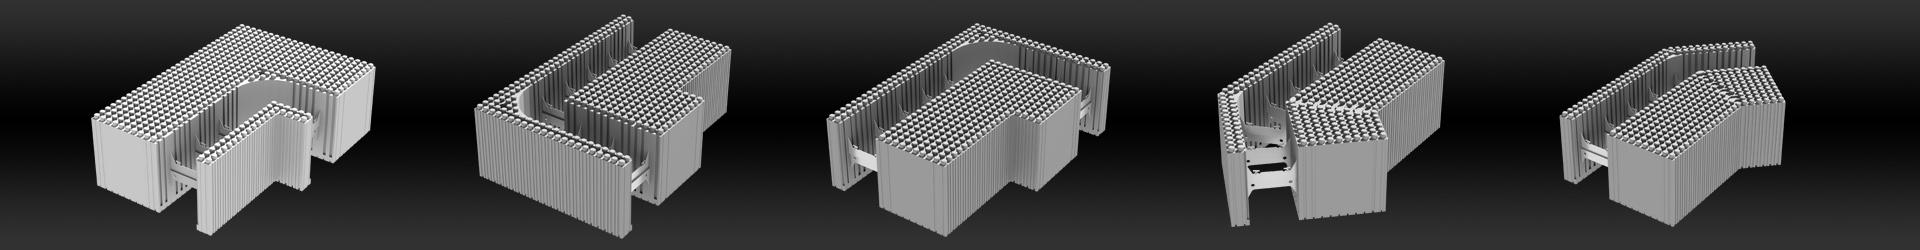 wandsystem 45 cm. Black Bedroom Furniture Sets. Home Design Ideas